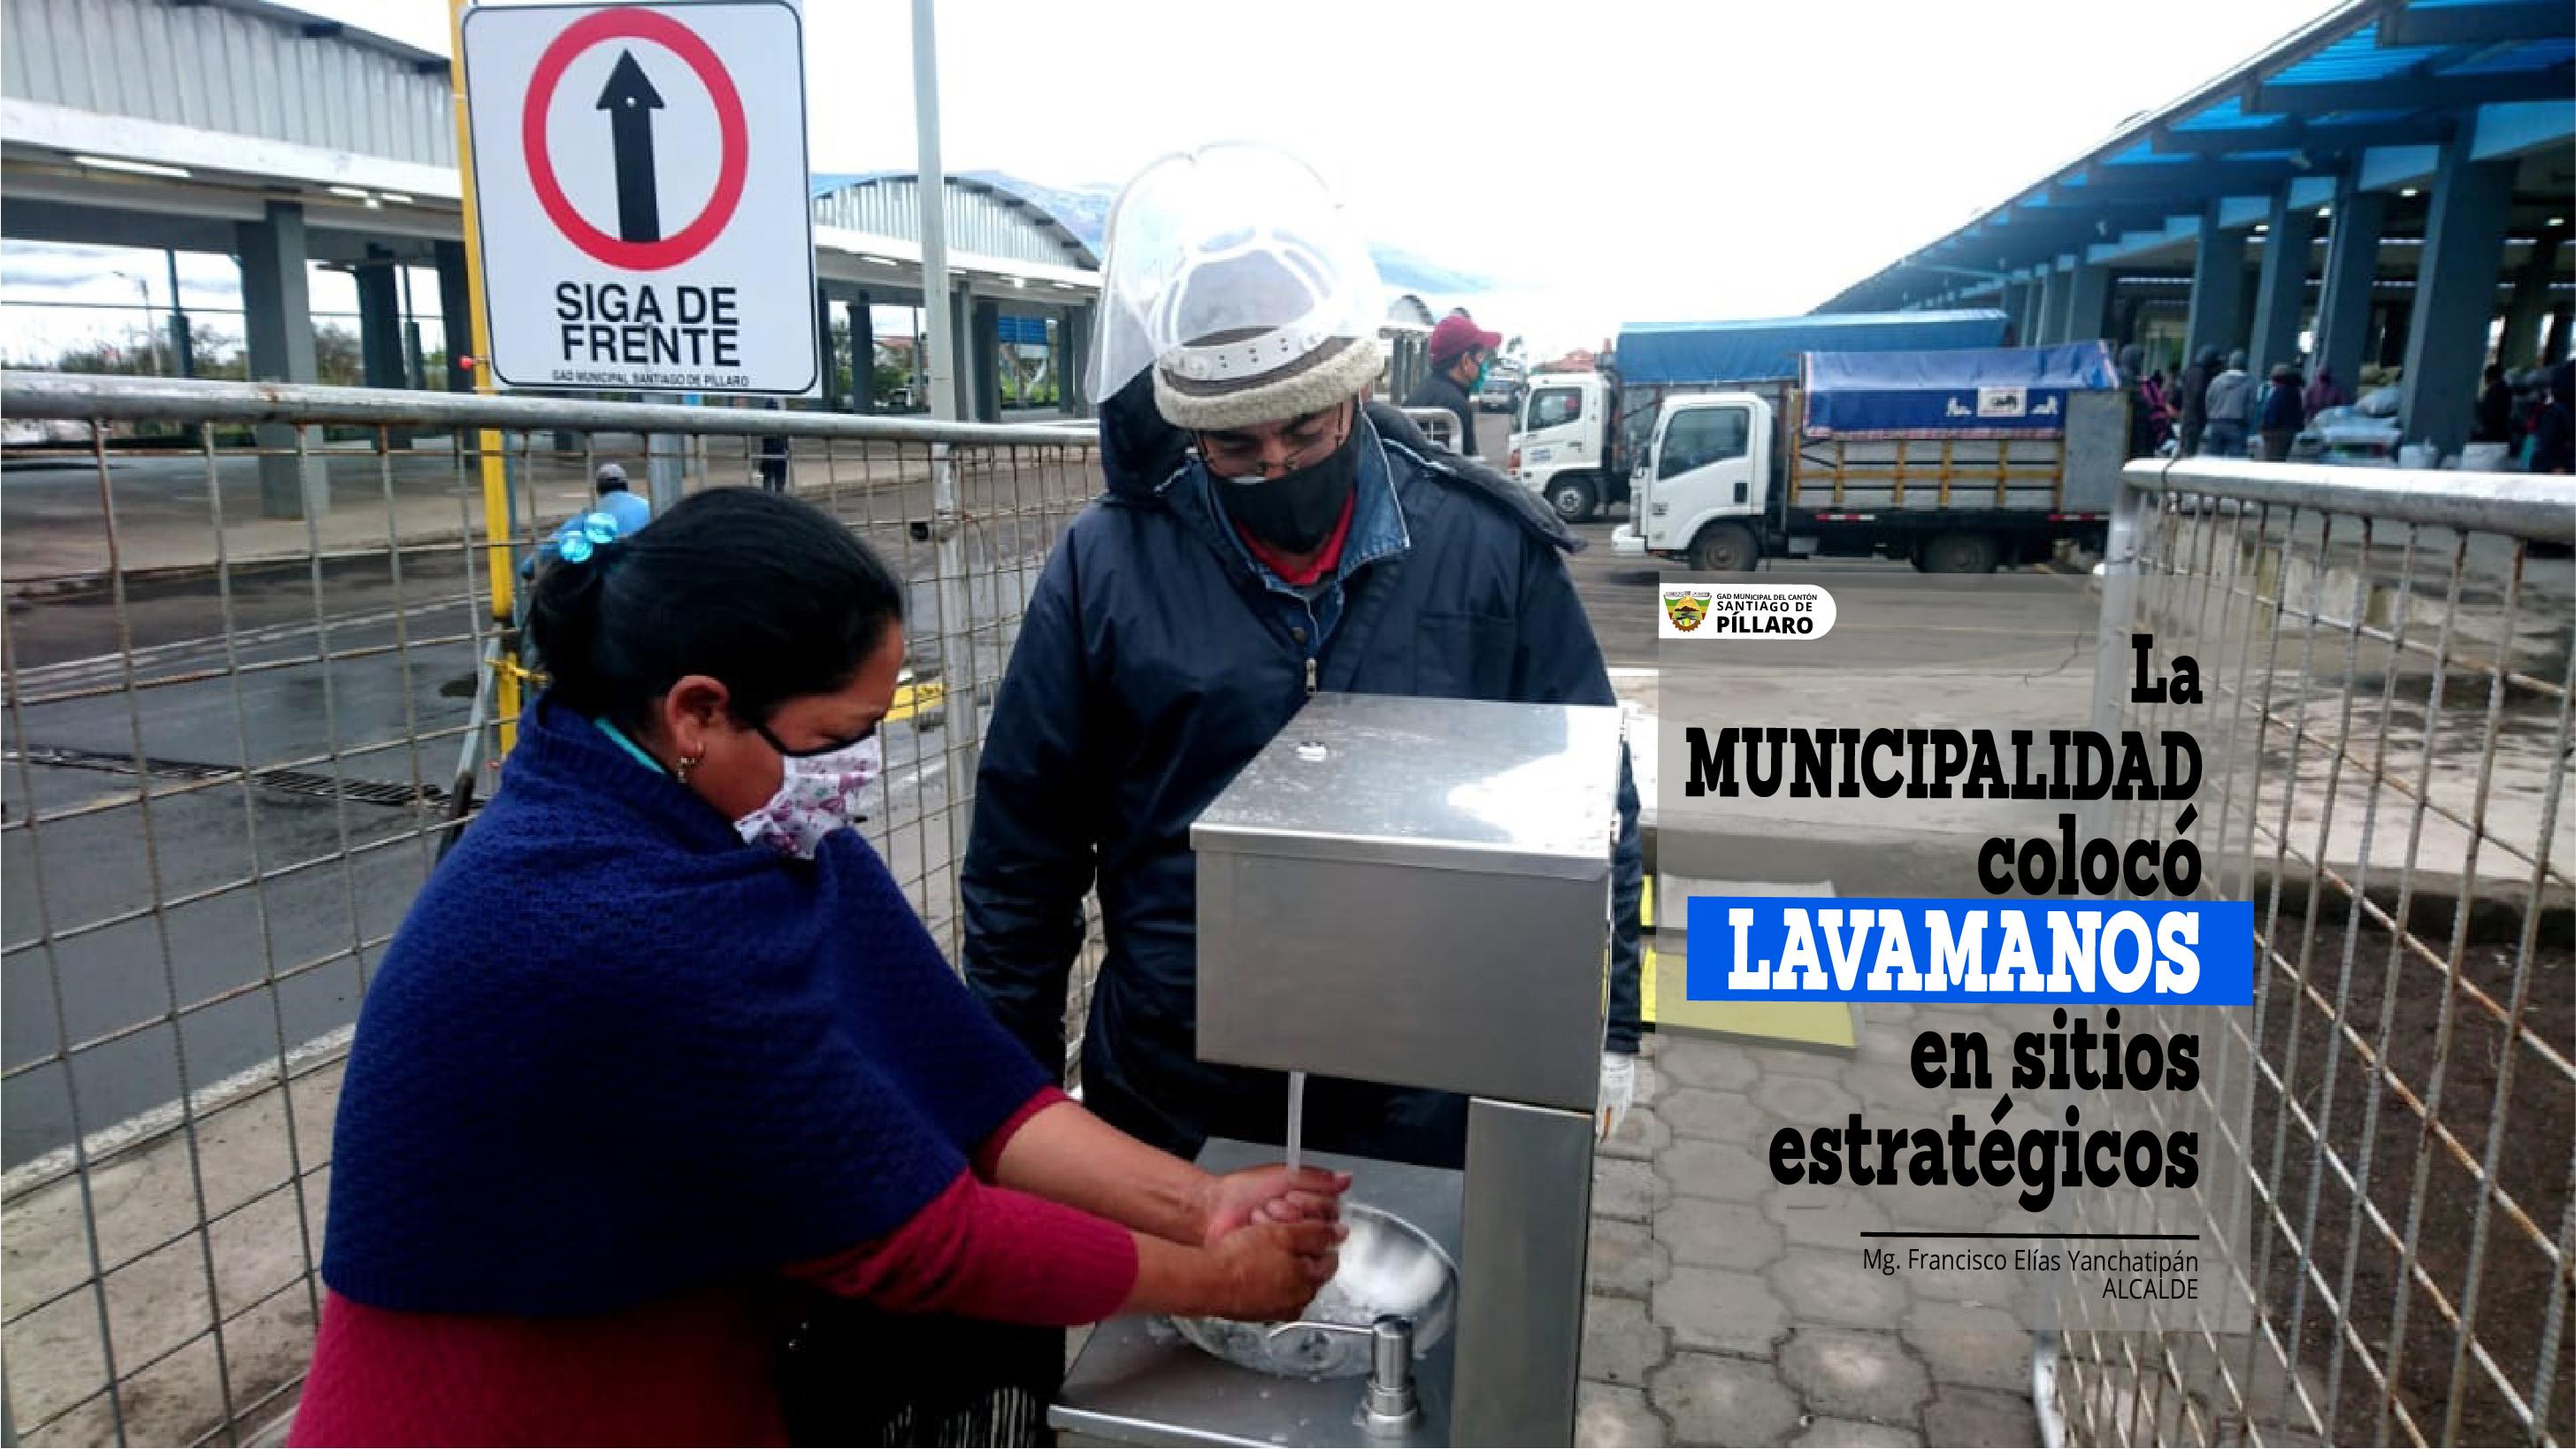 COLOCACIÓN DE LAVAMANOS EN VARIOS LUGARES